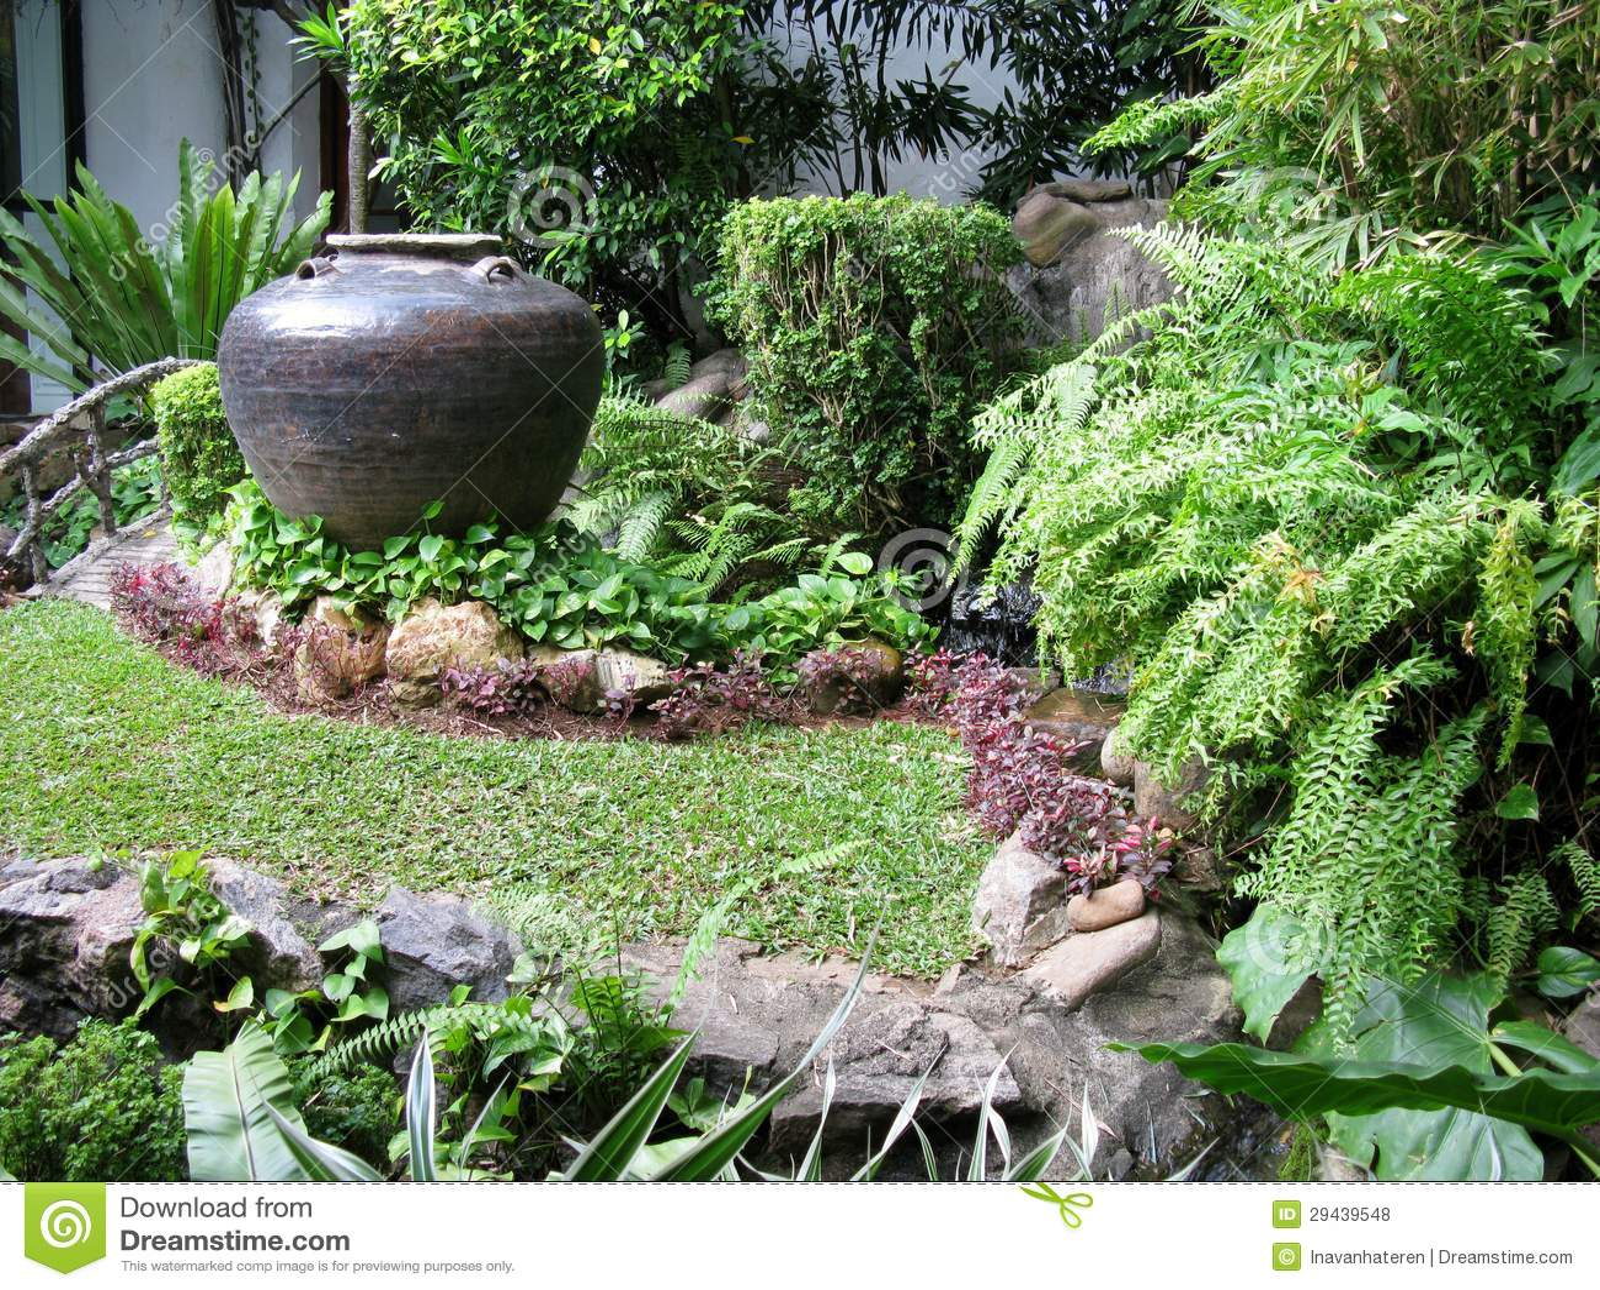 plantas jardim tropical:Plantas Tropicais Em Um Jardim Fotos de Stock Royalty Free – Imagem